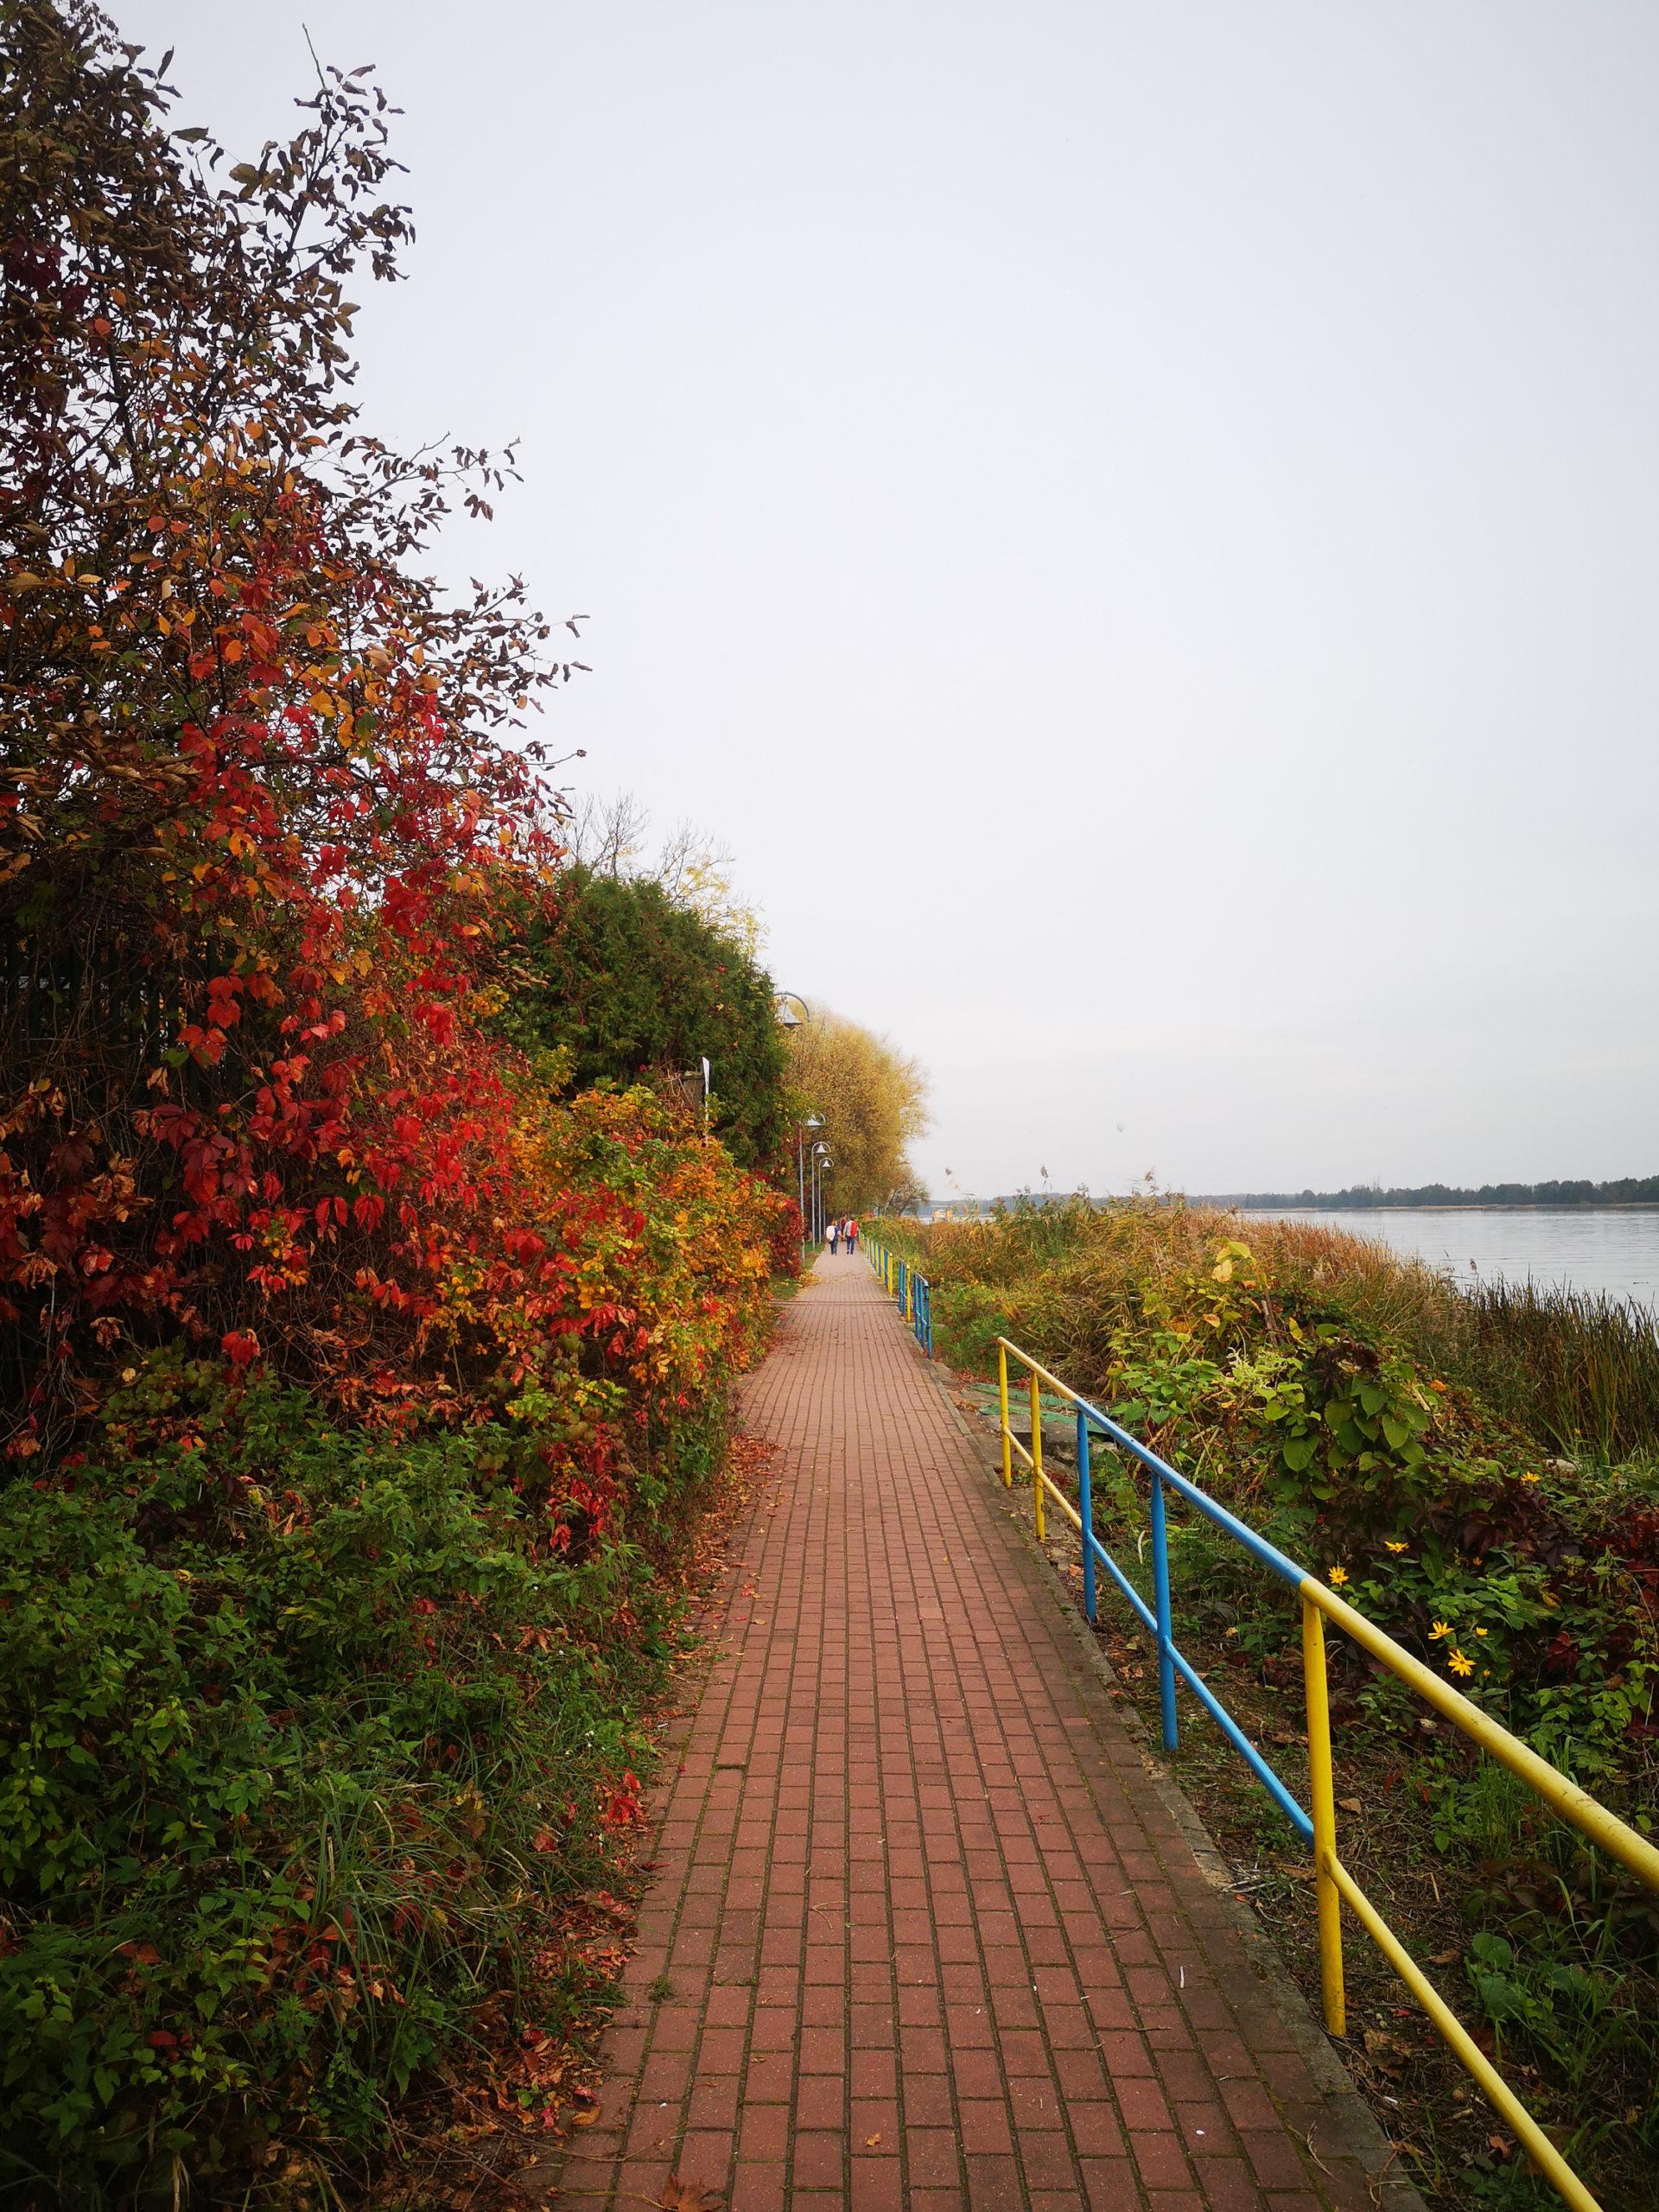 serock widok na chodnik nad jeziorem w dzień